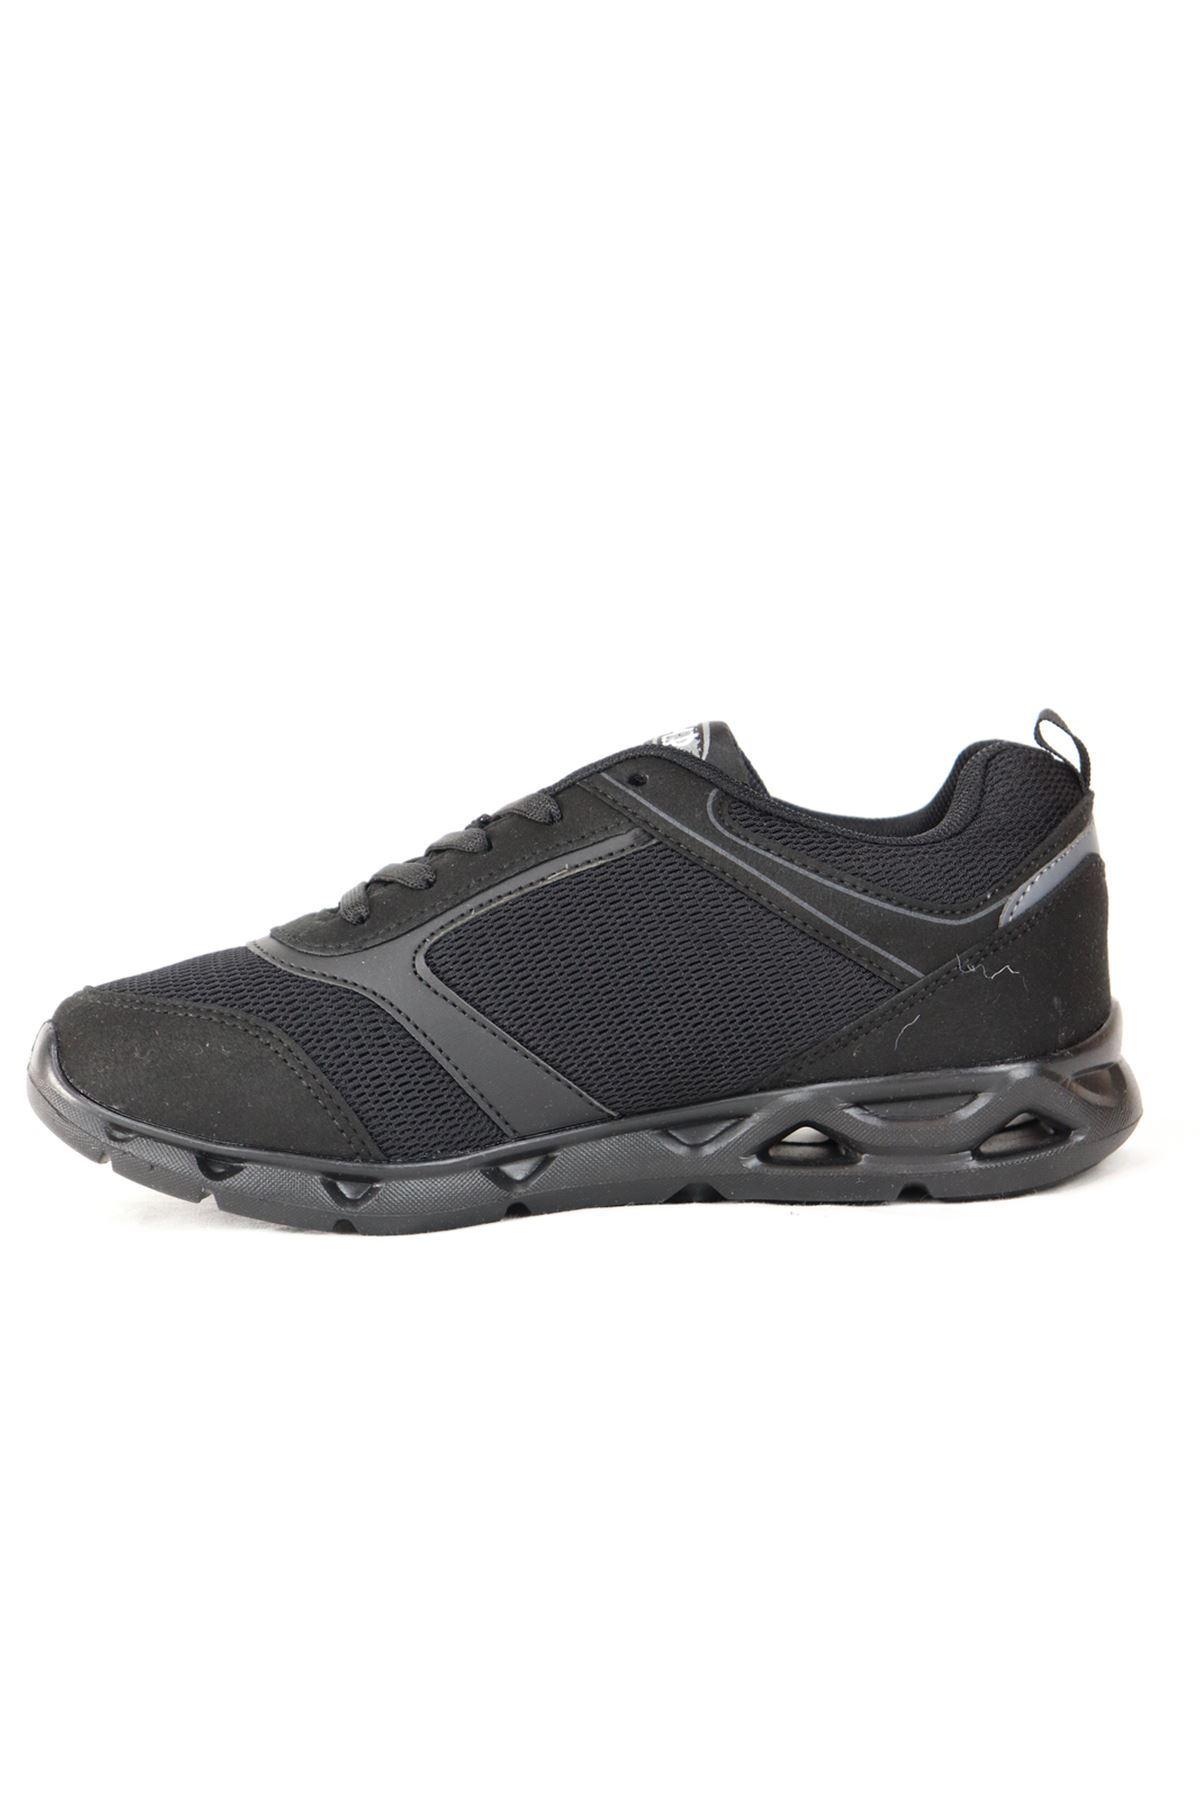 MP - 201 - 7404ZN - Siyah Kadın Spor Ayakkabısı